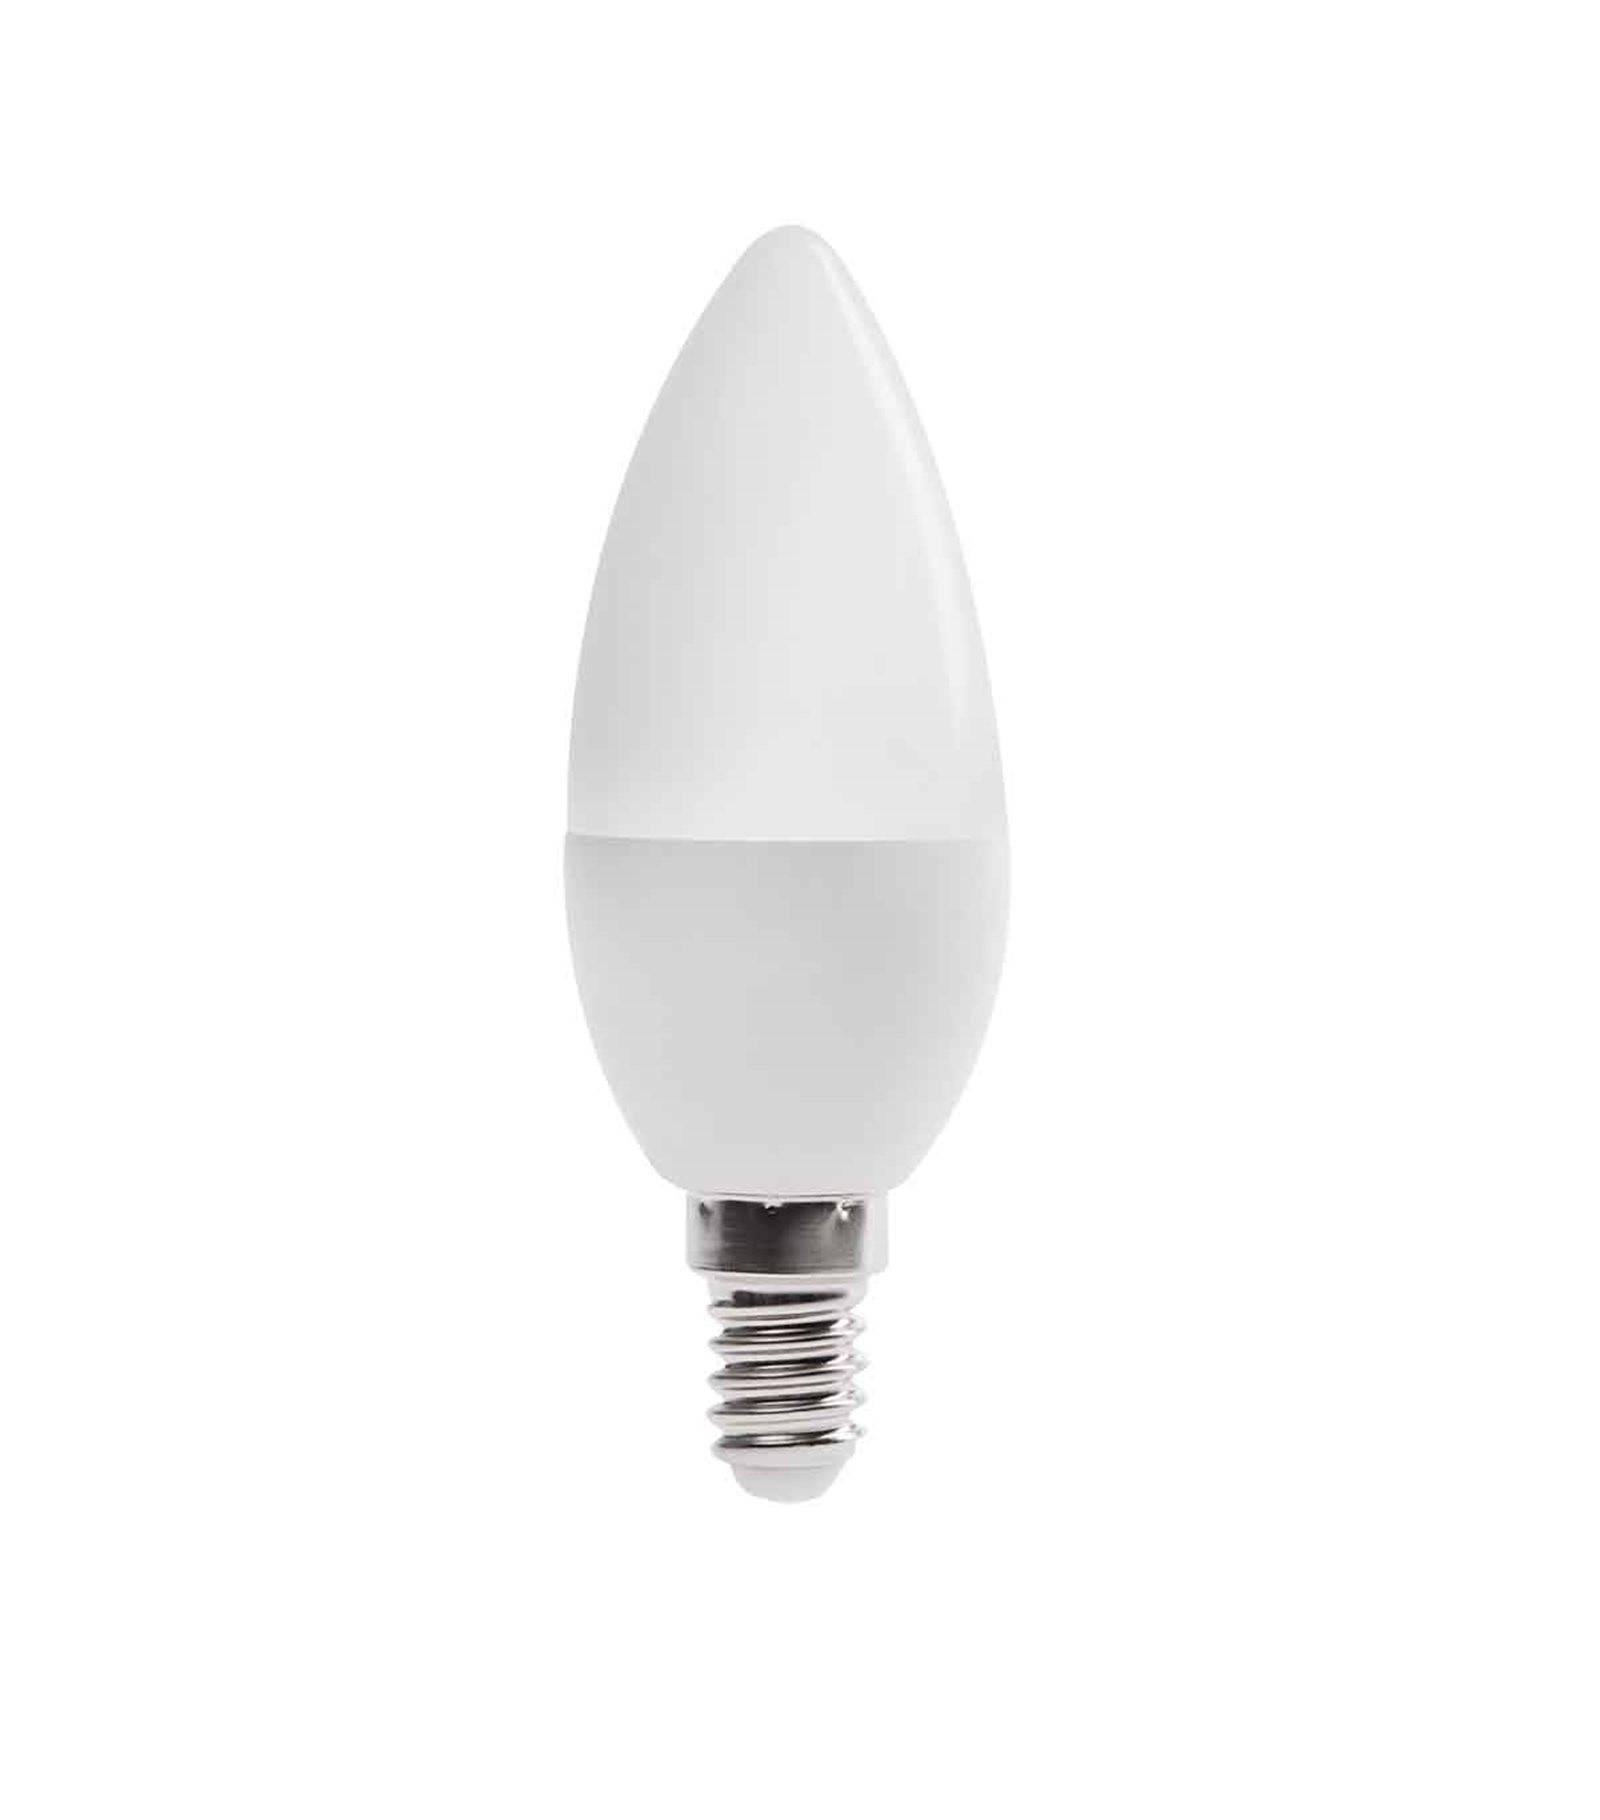 Smd Dun 600lméquiv Led Ampoule Kanlux Flamme E14 48wBlanc 6 Chaud 210° 23430 5w kXOPiuTZ